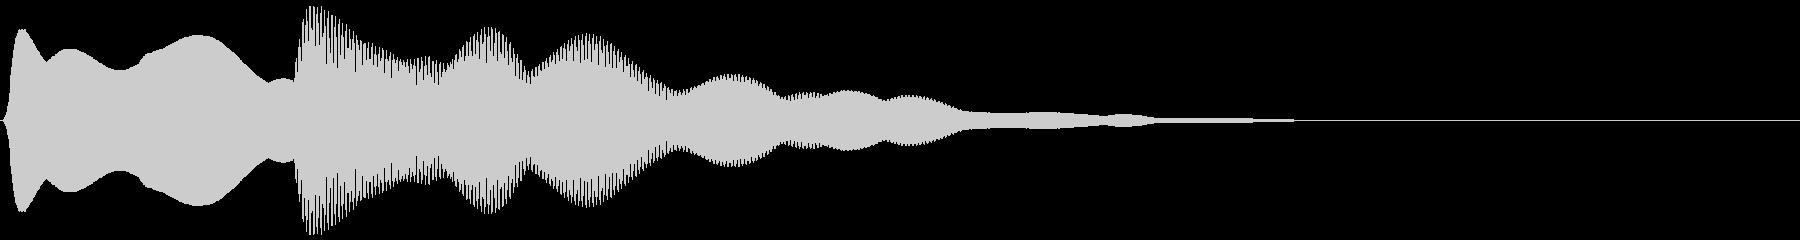 音 ピンポーン 効果